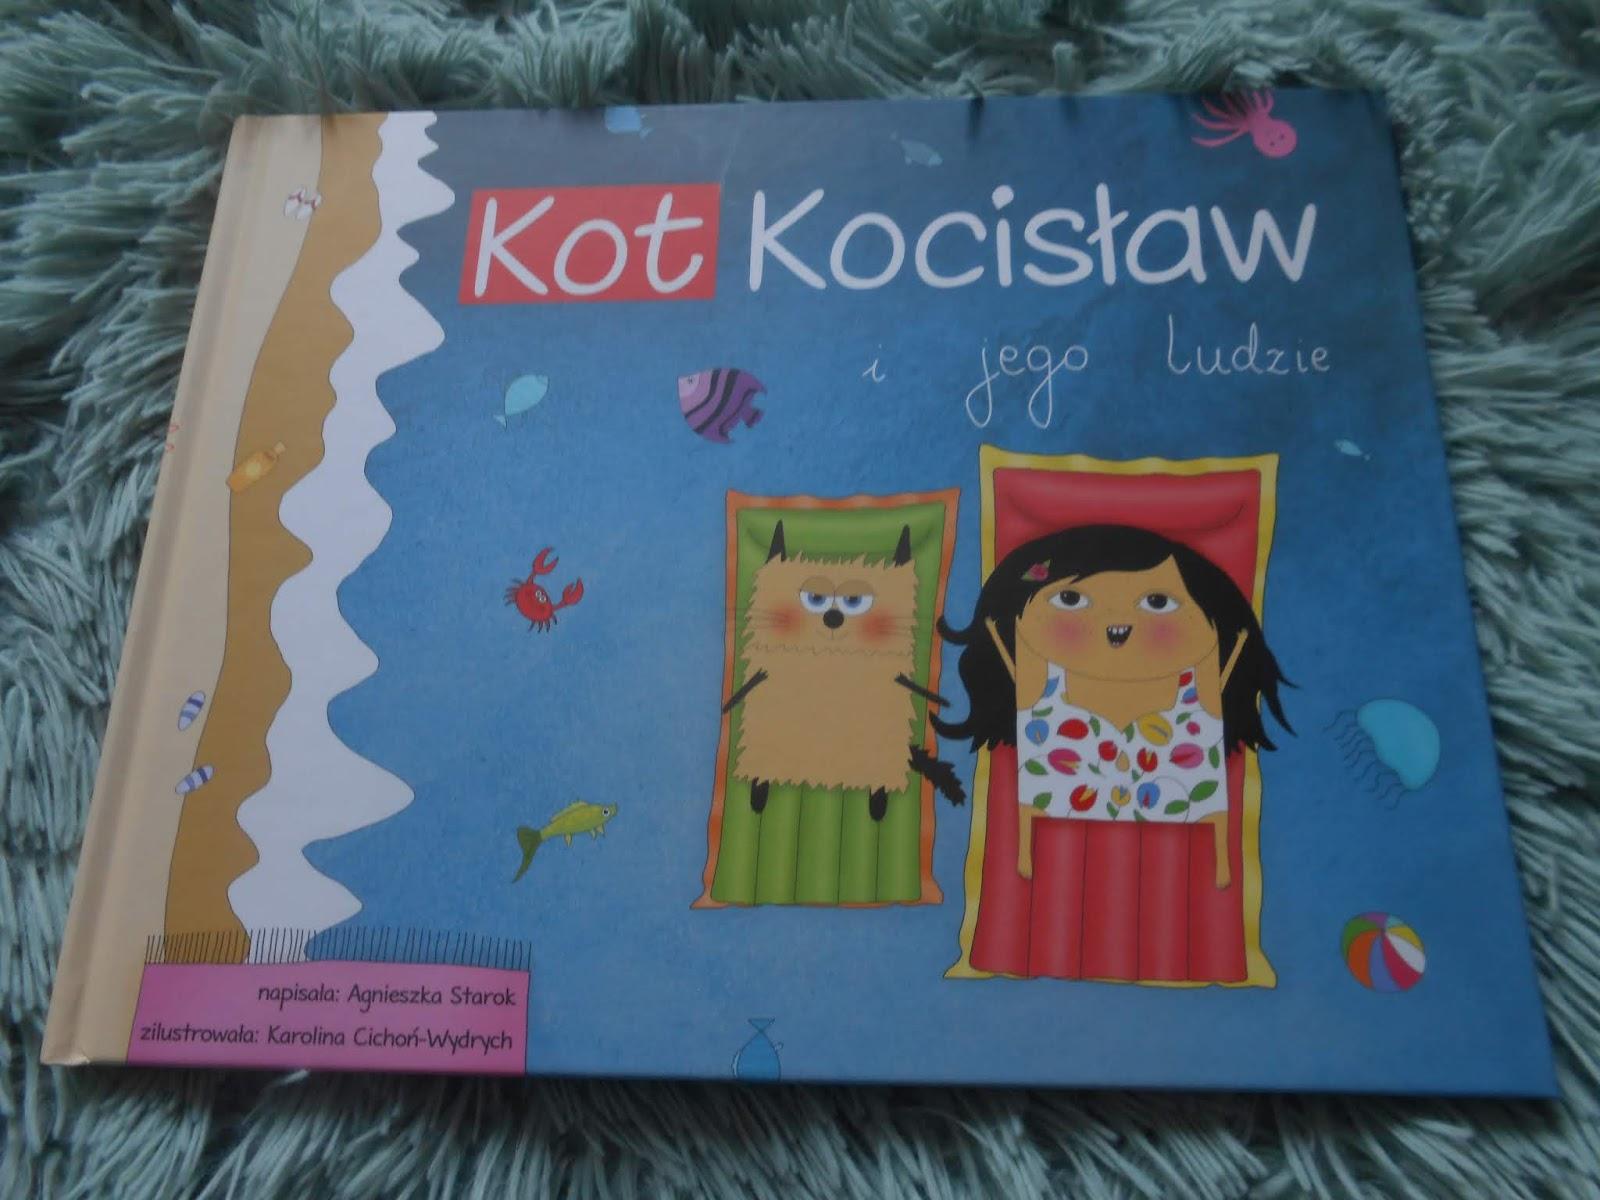 Wydawnictwo Tekturka- Kot Kocisław i jego ludzie